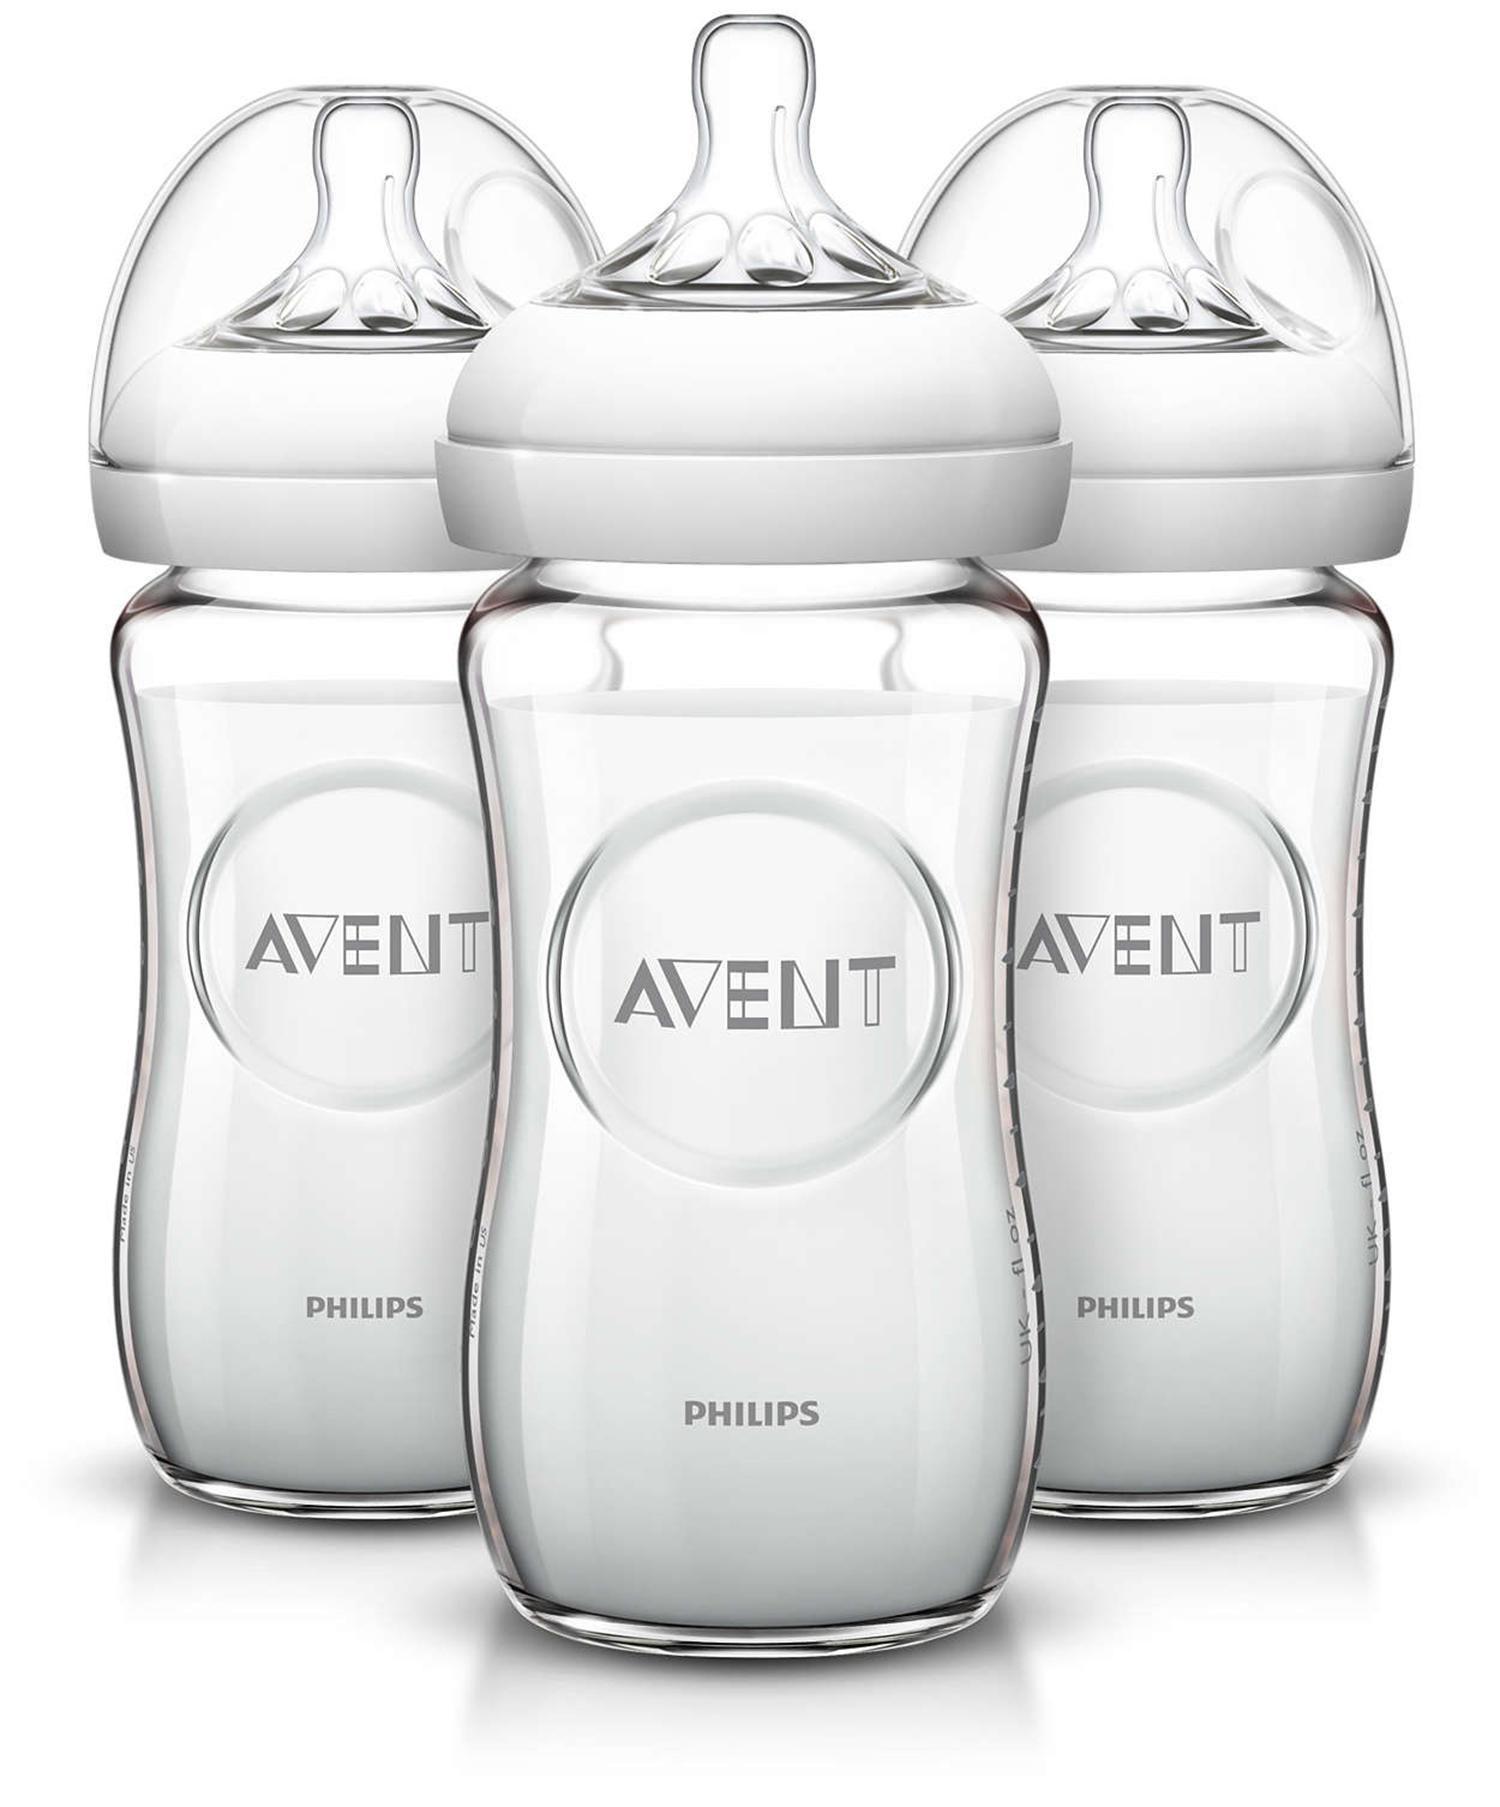 Philips Avent White Bottle Feeding Prep & Tools